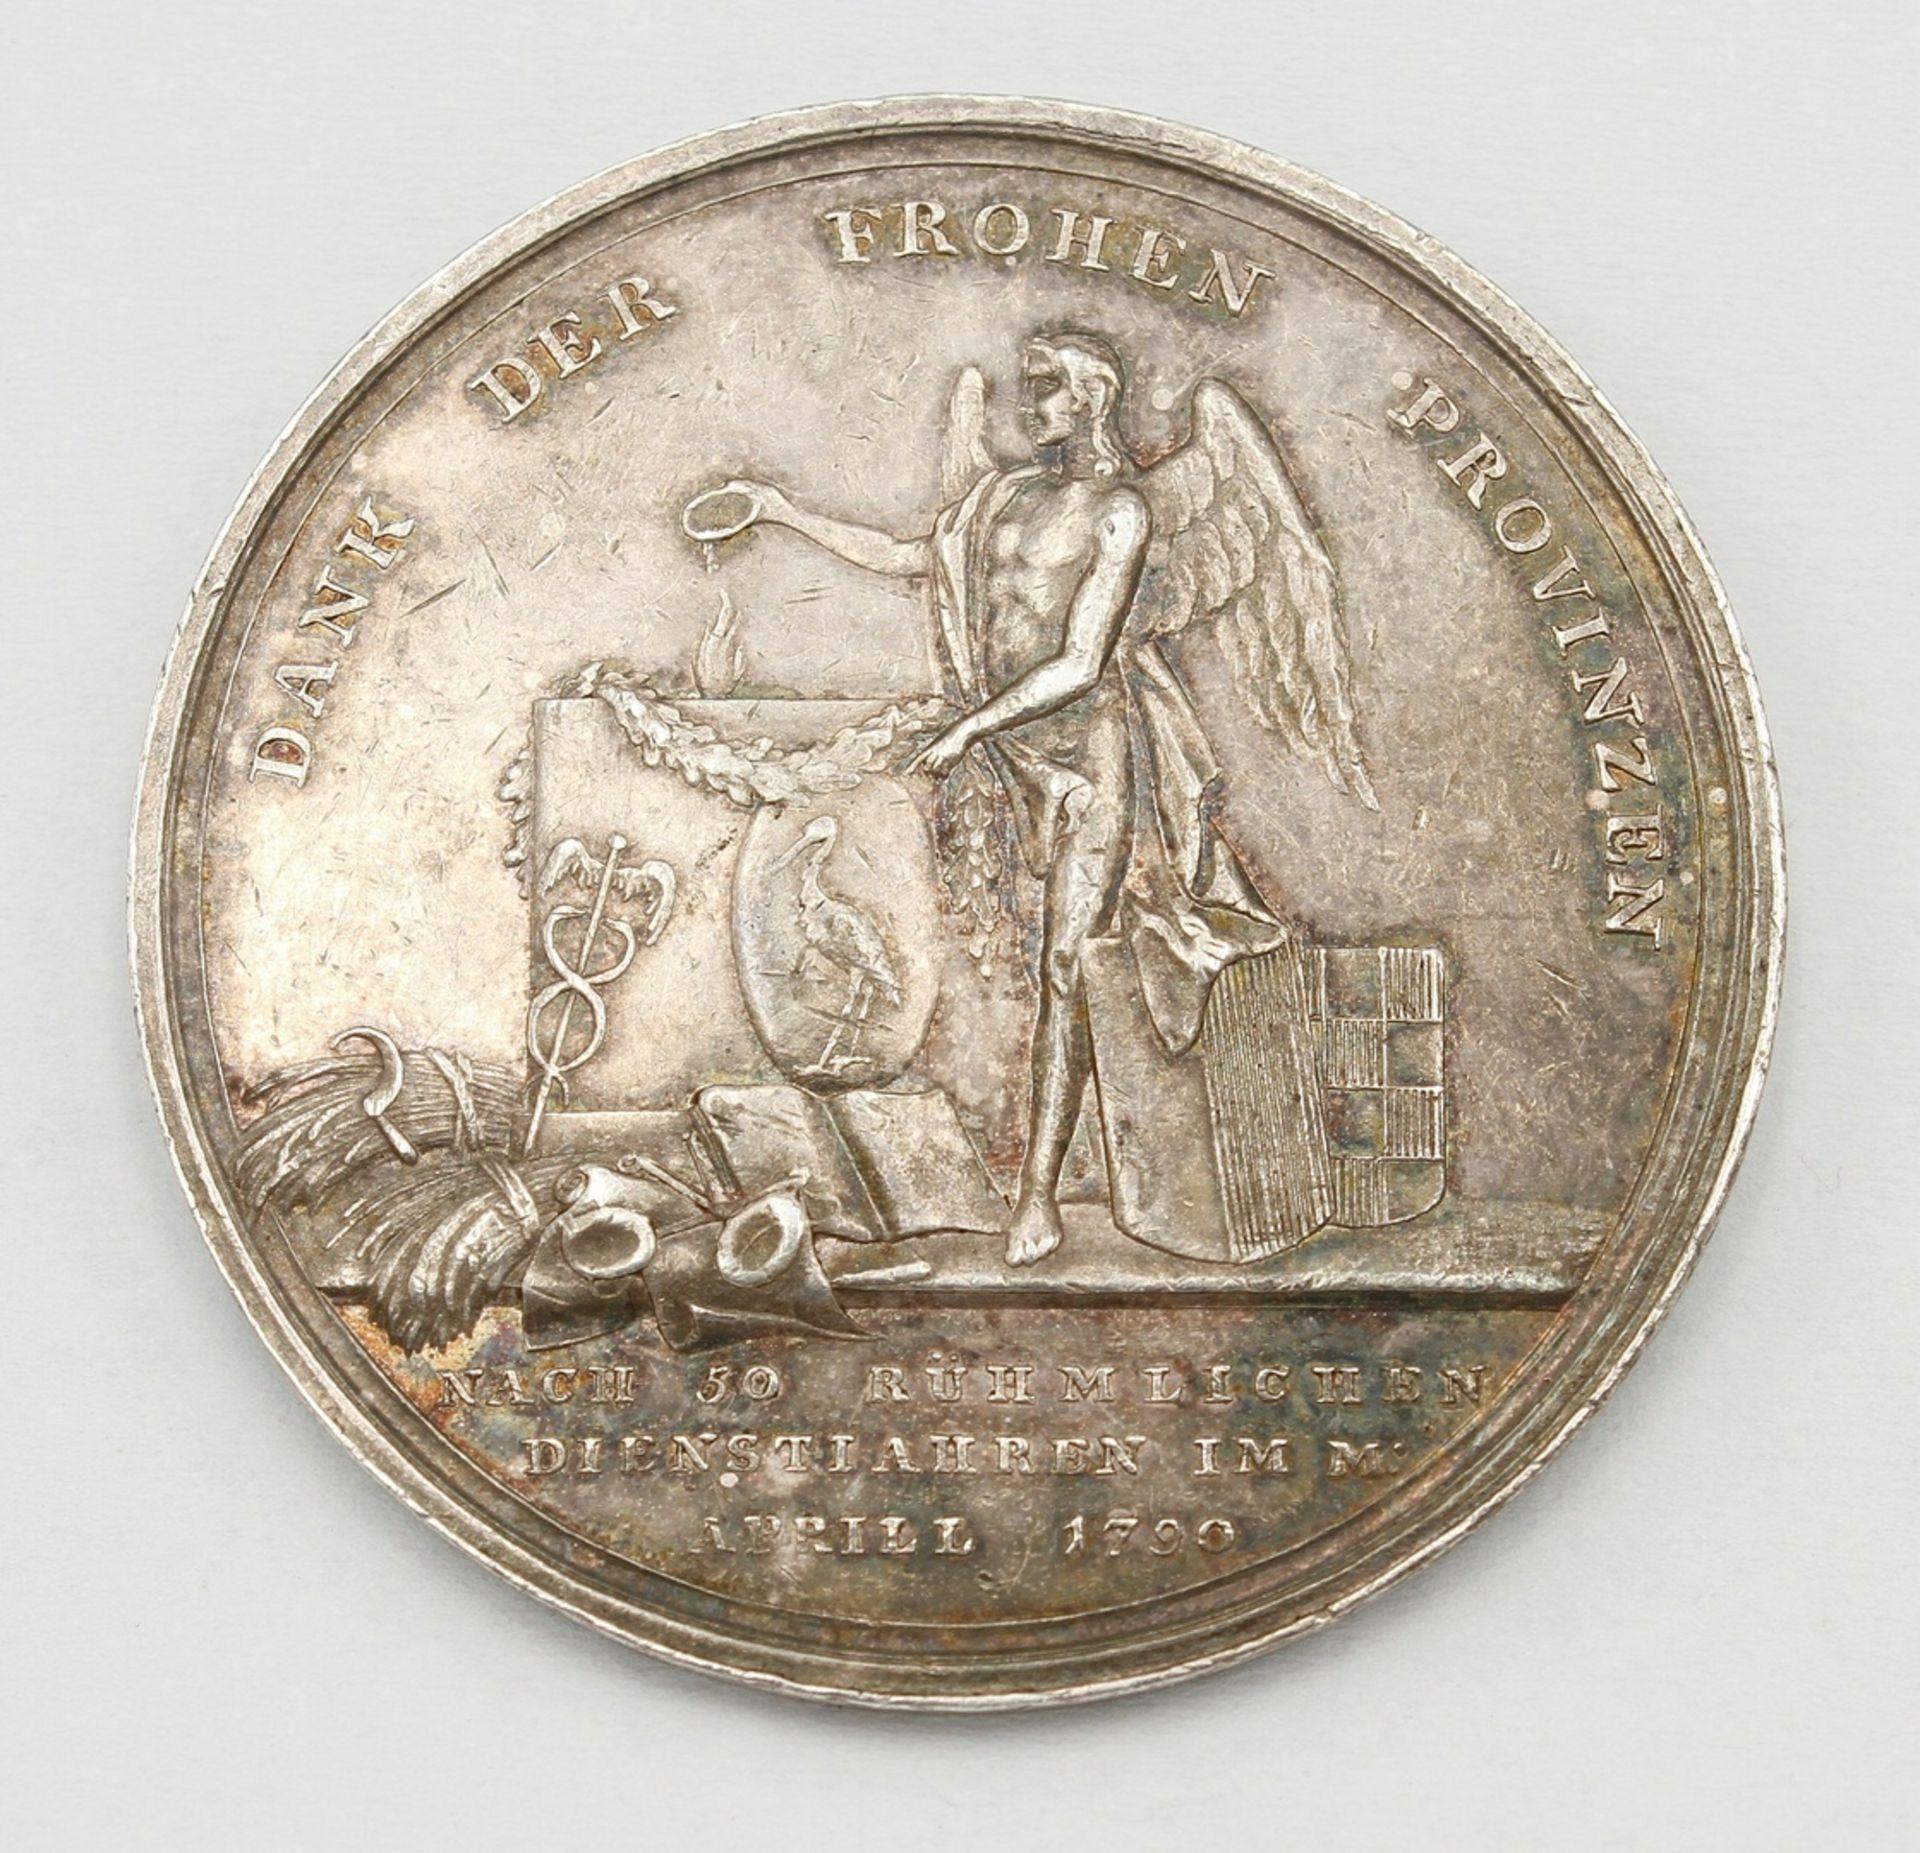 Jubiläumsmedaille Halberstadt, 1790, Ernst Otto Wasserschleben - Bild 2 aus 2